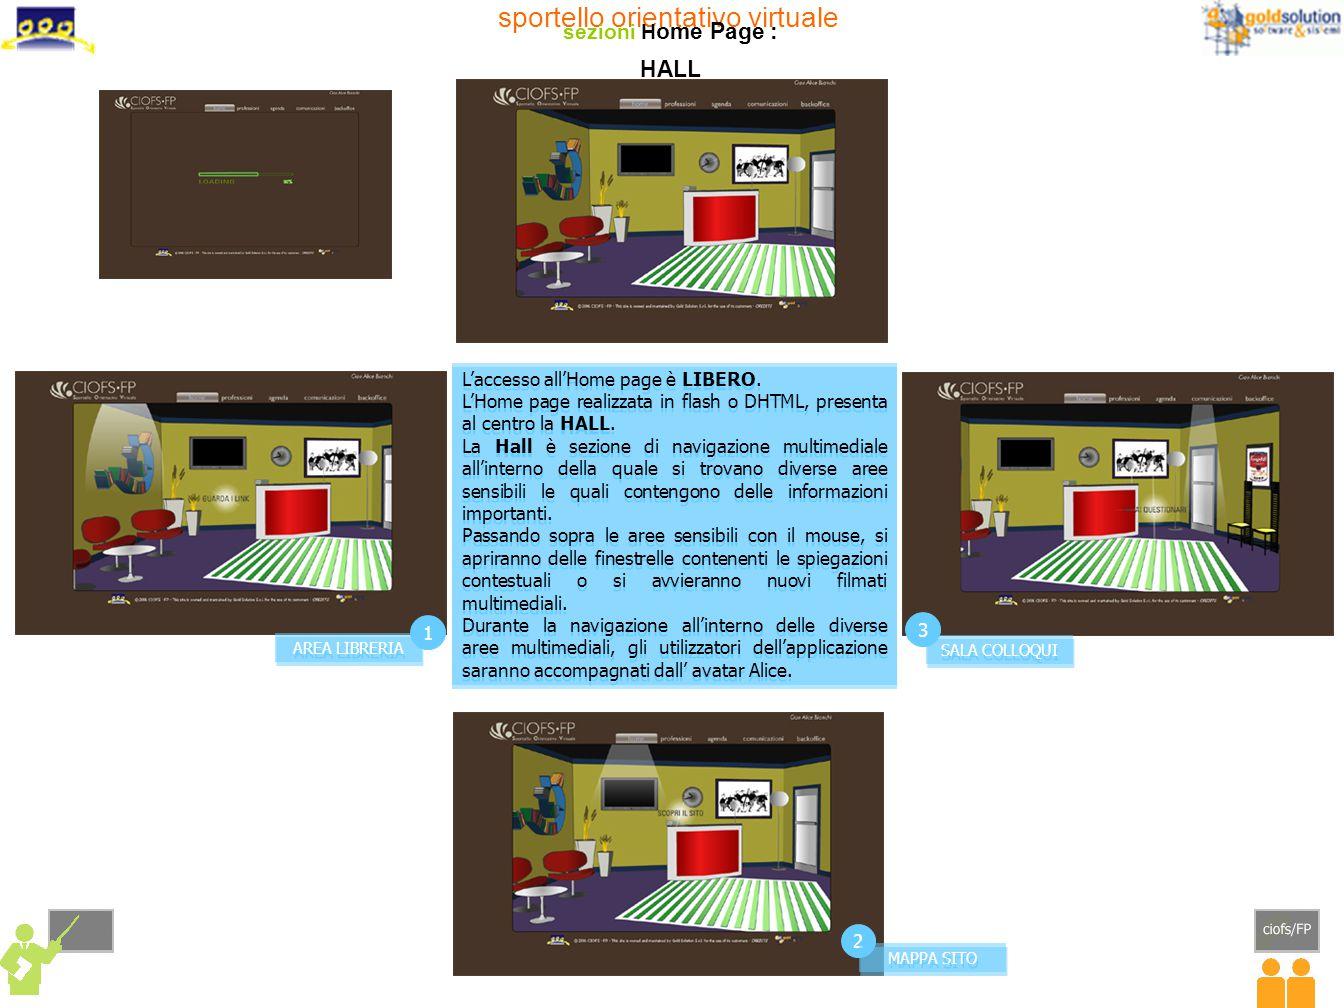 sportello orientativo virtuale AREA LIBRERIA 1 sezioni H ome Page : HALL 2 3 SALA COLLOQUI 1 2